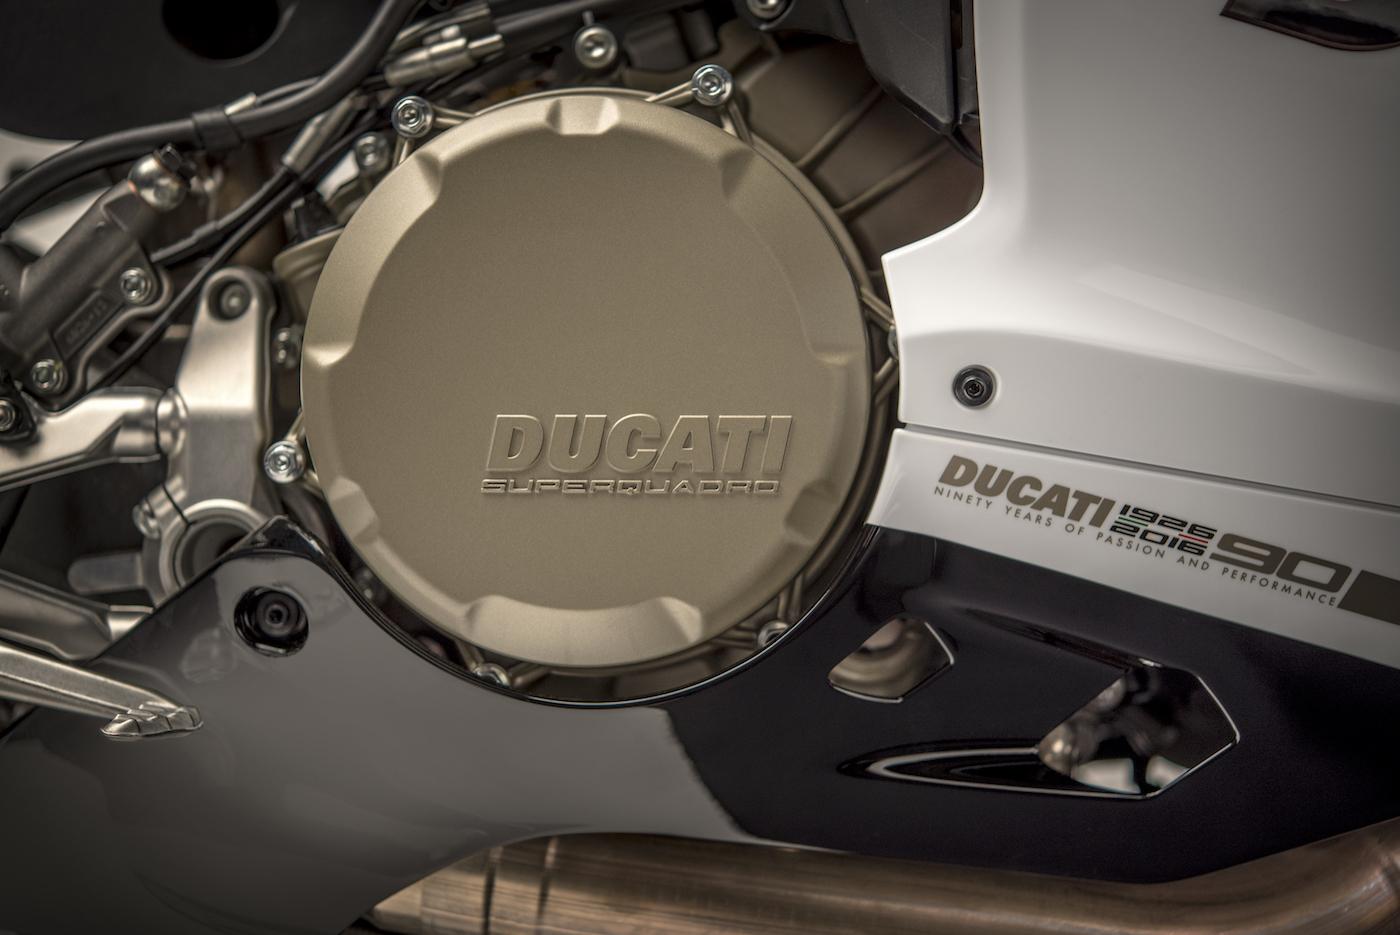 Ducati V4, los rumores apuntan a dos versiones distintas y 230 cv para SBK